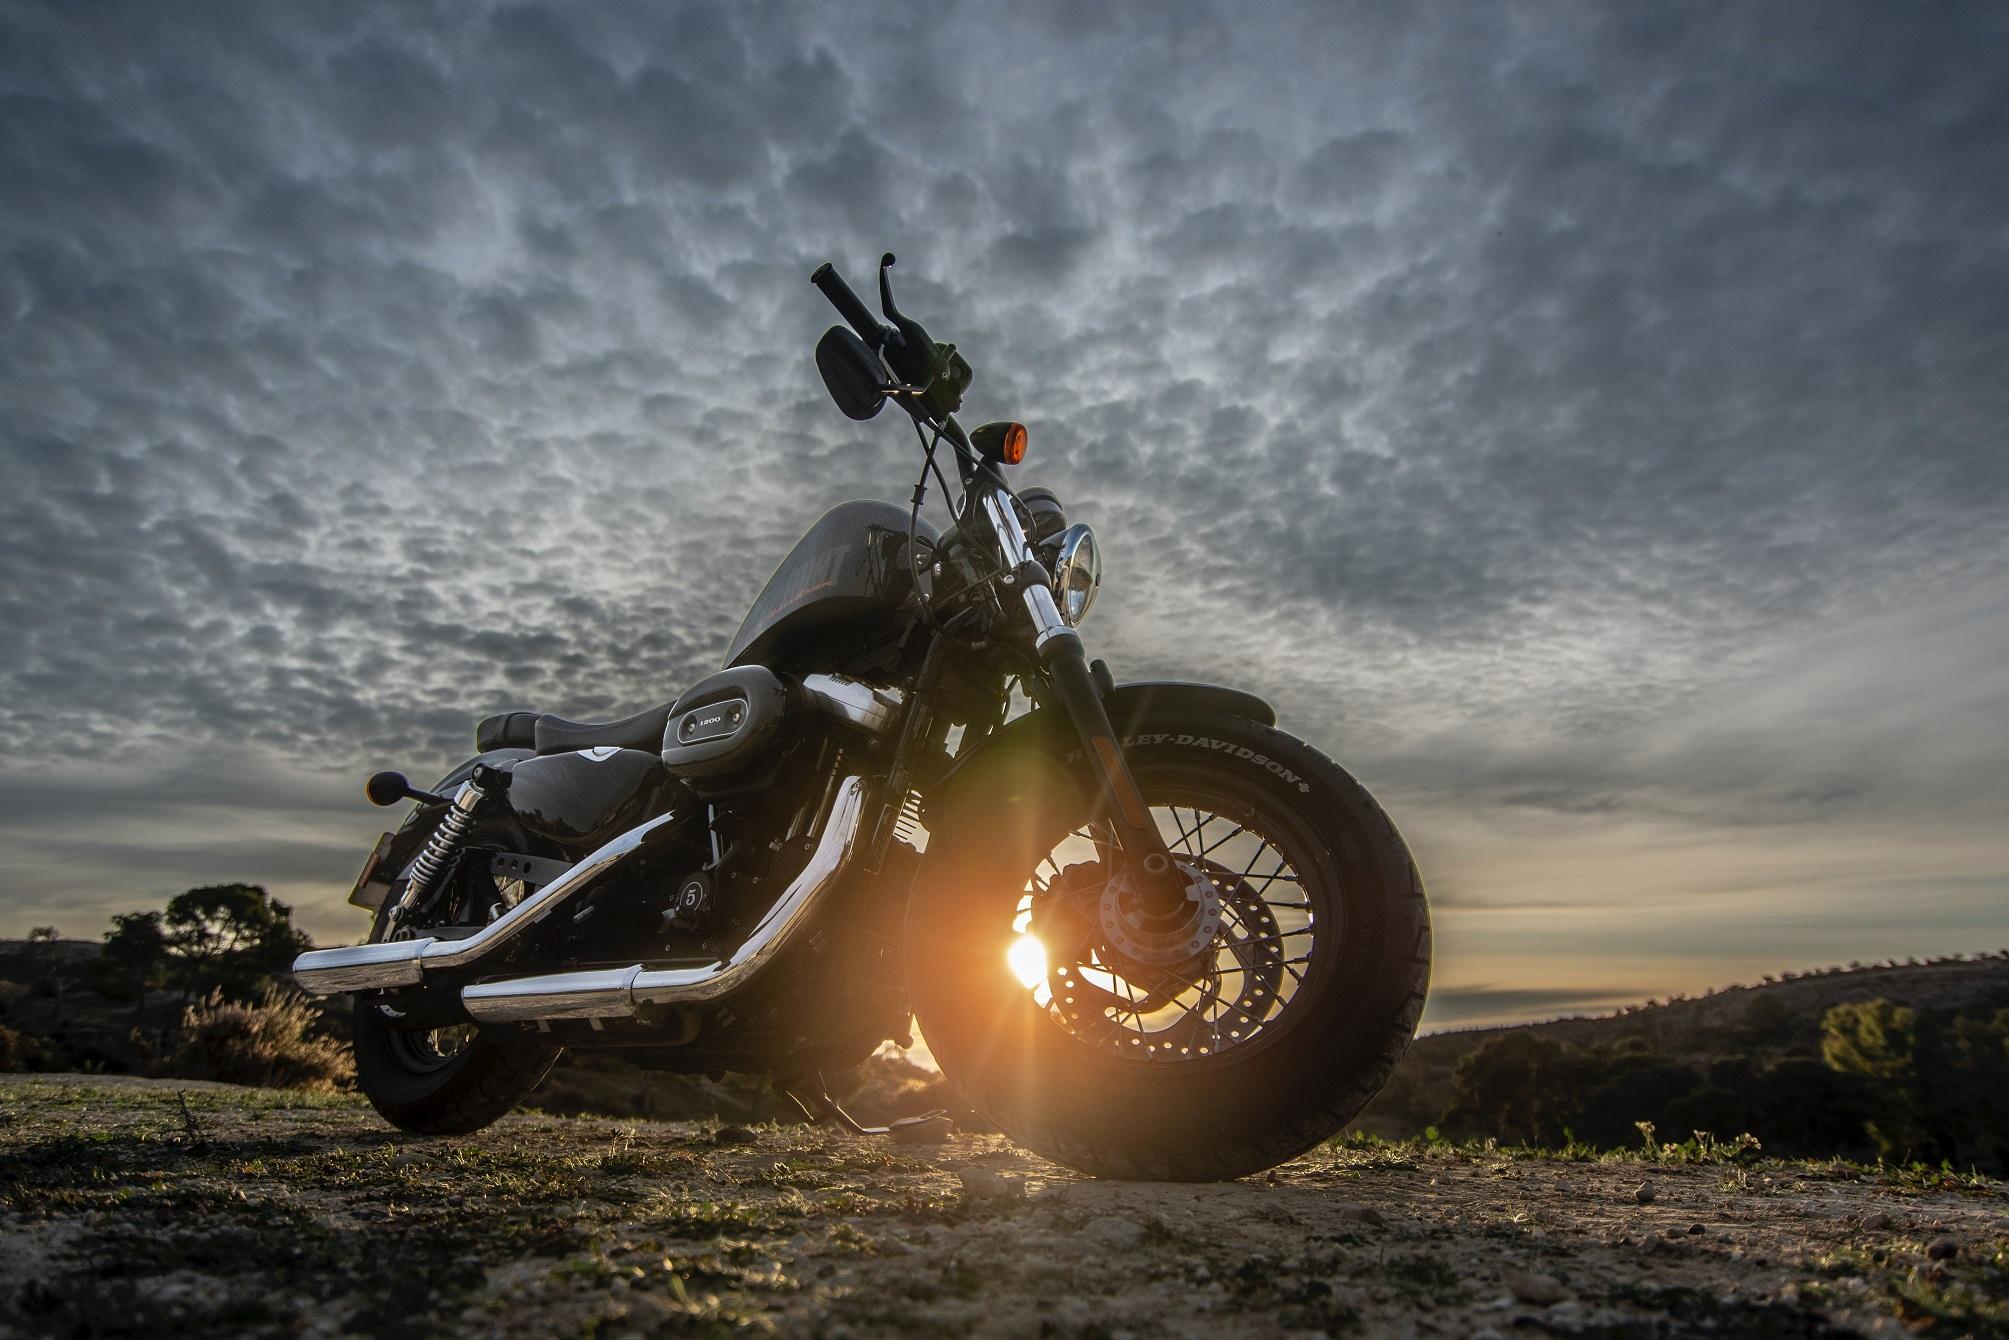 Turintiems B kategoriją motociklus siūloma leisti vairuoti po 5 valandų praktinio kurso